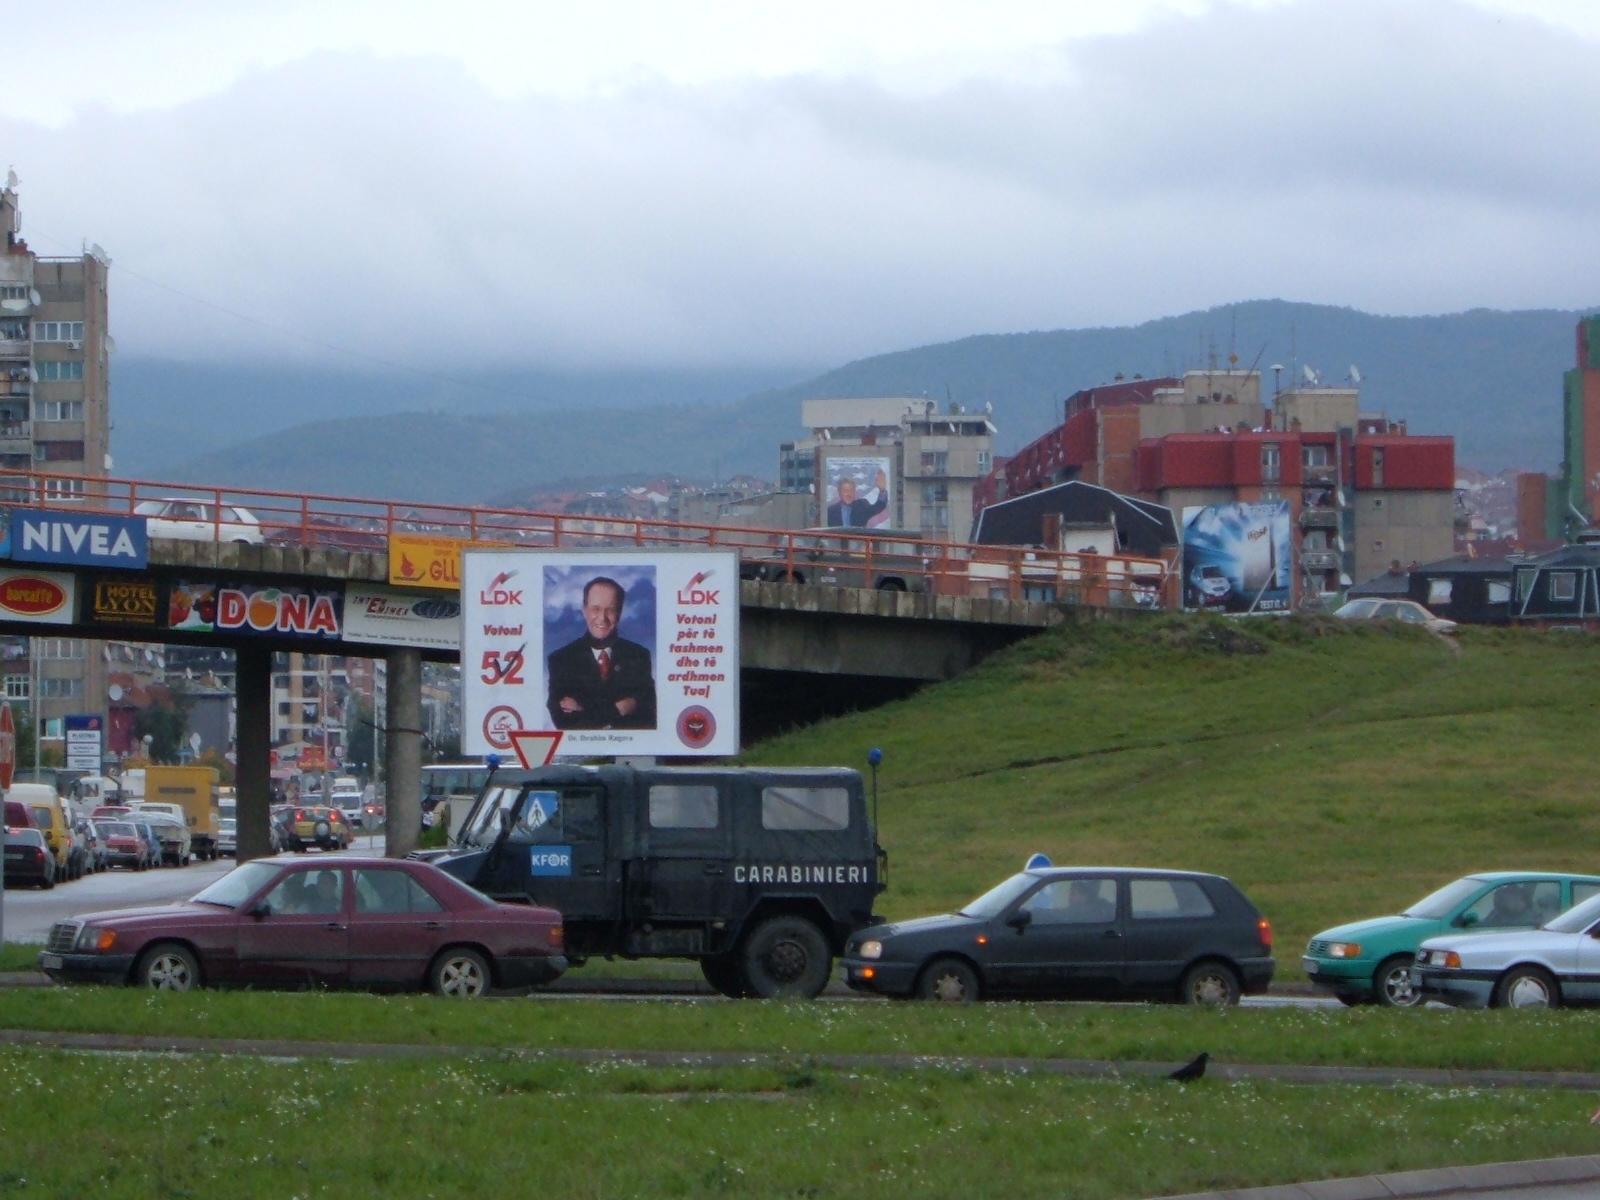 08 Panouri electorale in Pristina anului 2004 pe bulevardul Bill Clinton